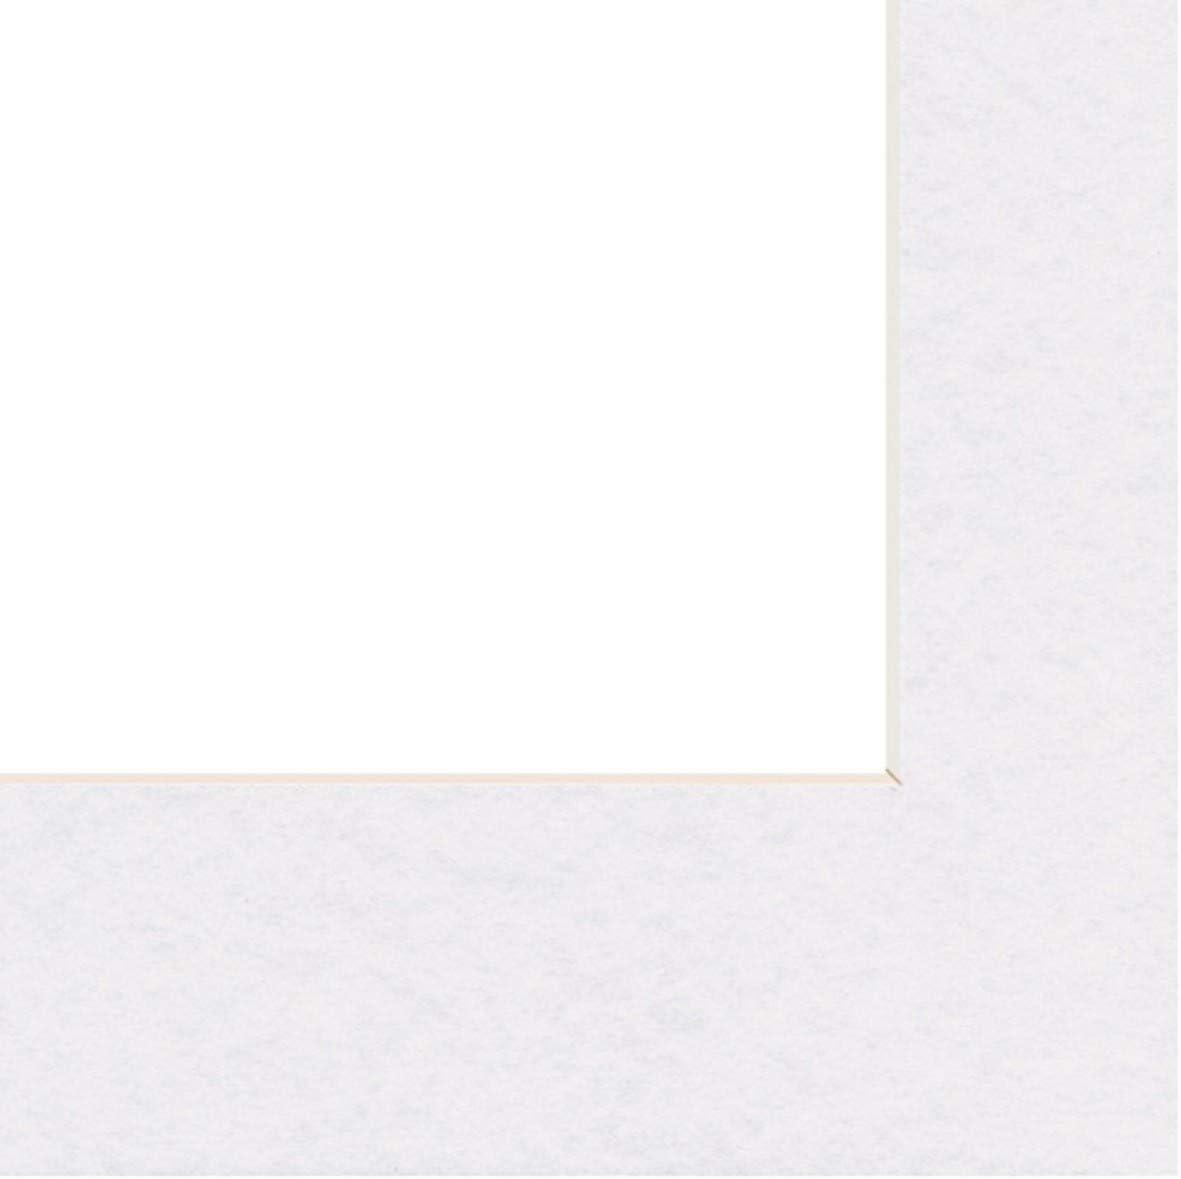 blanc arctique 50 x 70 cm Hama Passe-partout Premium